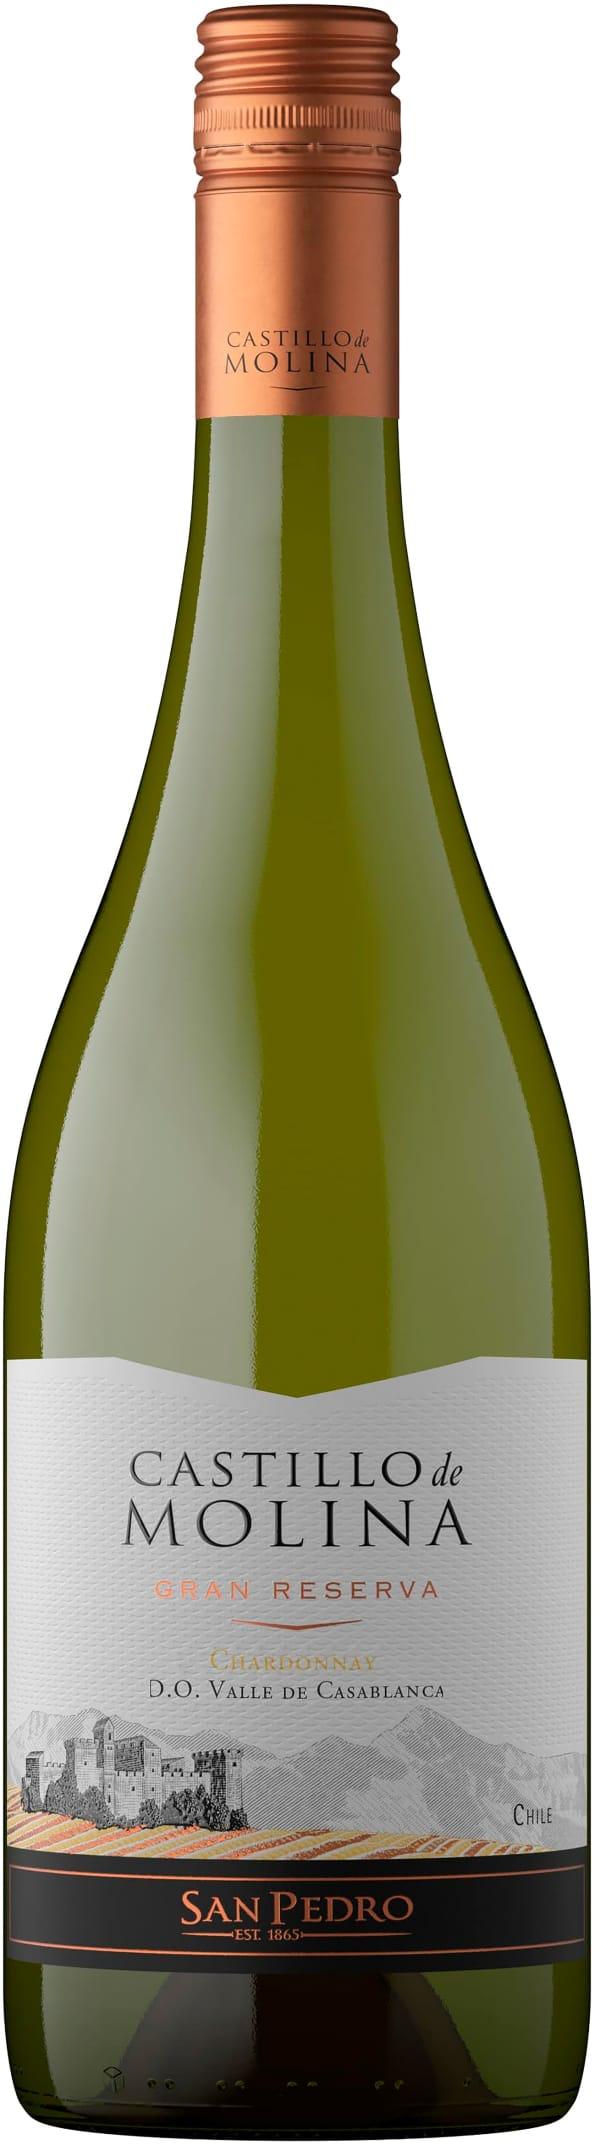 Castillo de Molina Reserva Chardonnay 2019